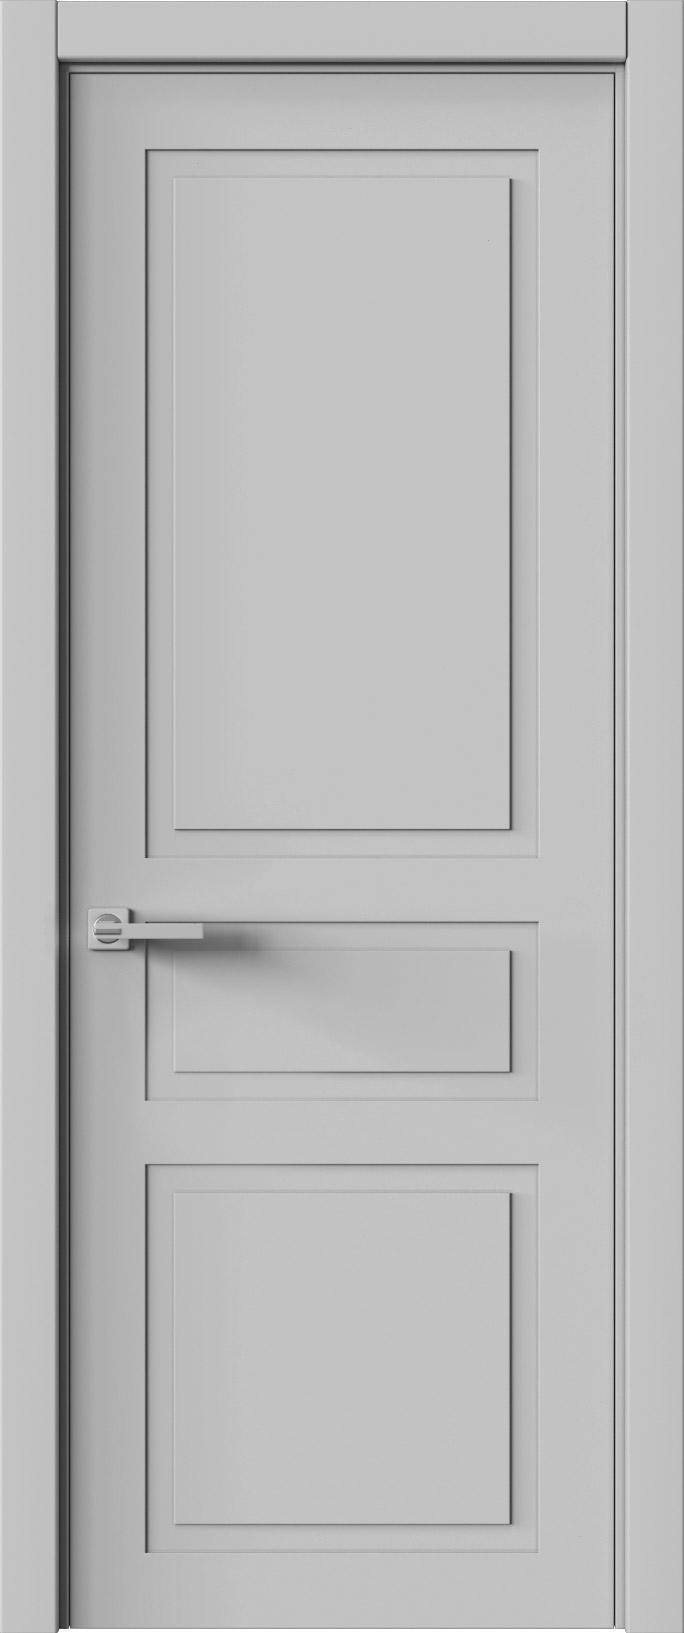 Tivoli Е-5 цвет - Серая эмаль (RAL 7047) Без стекла (ДГ)